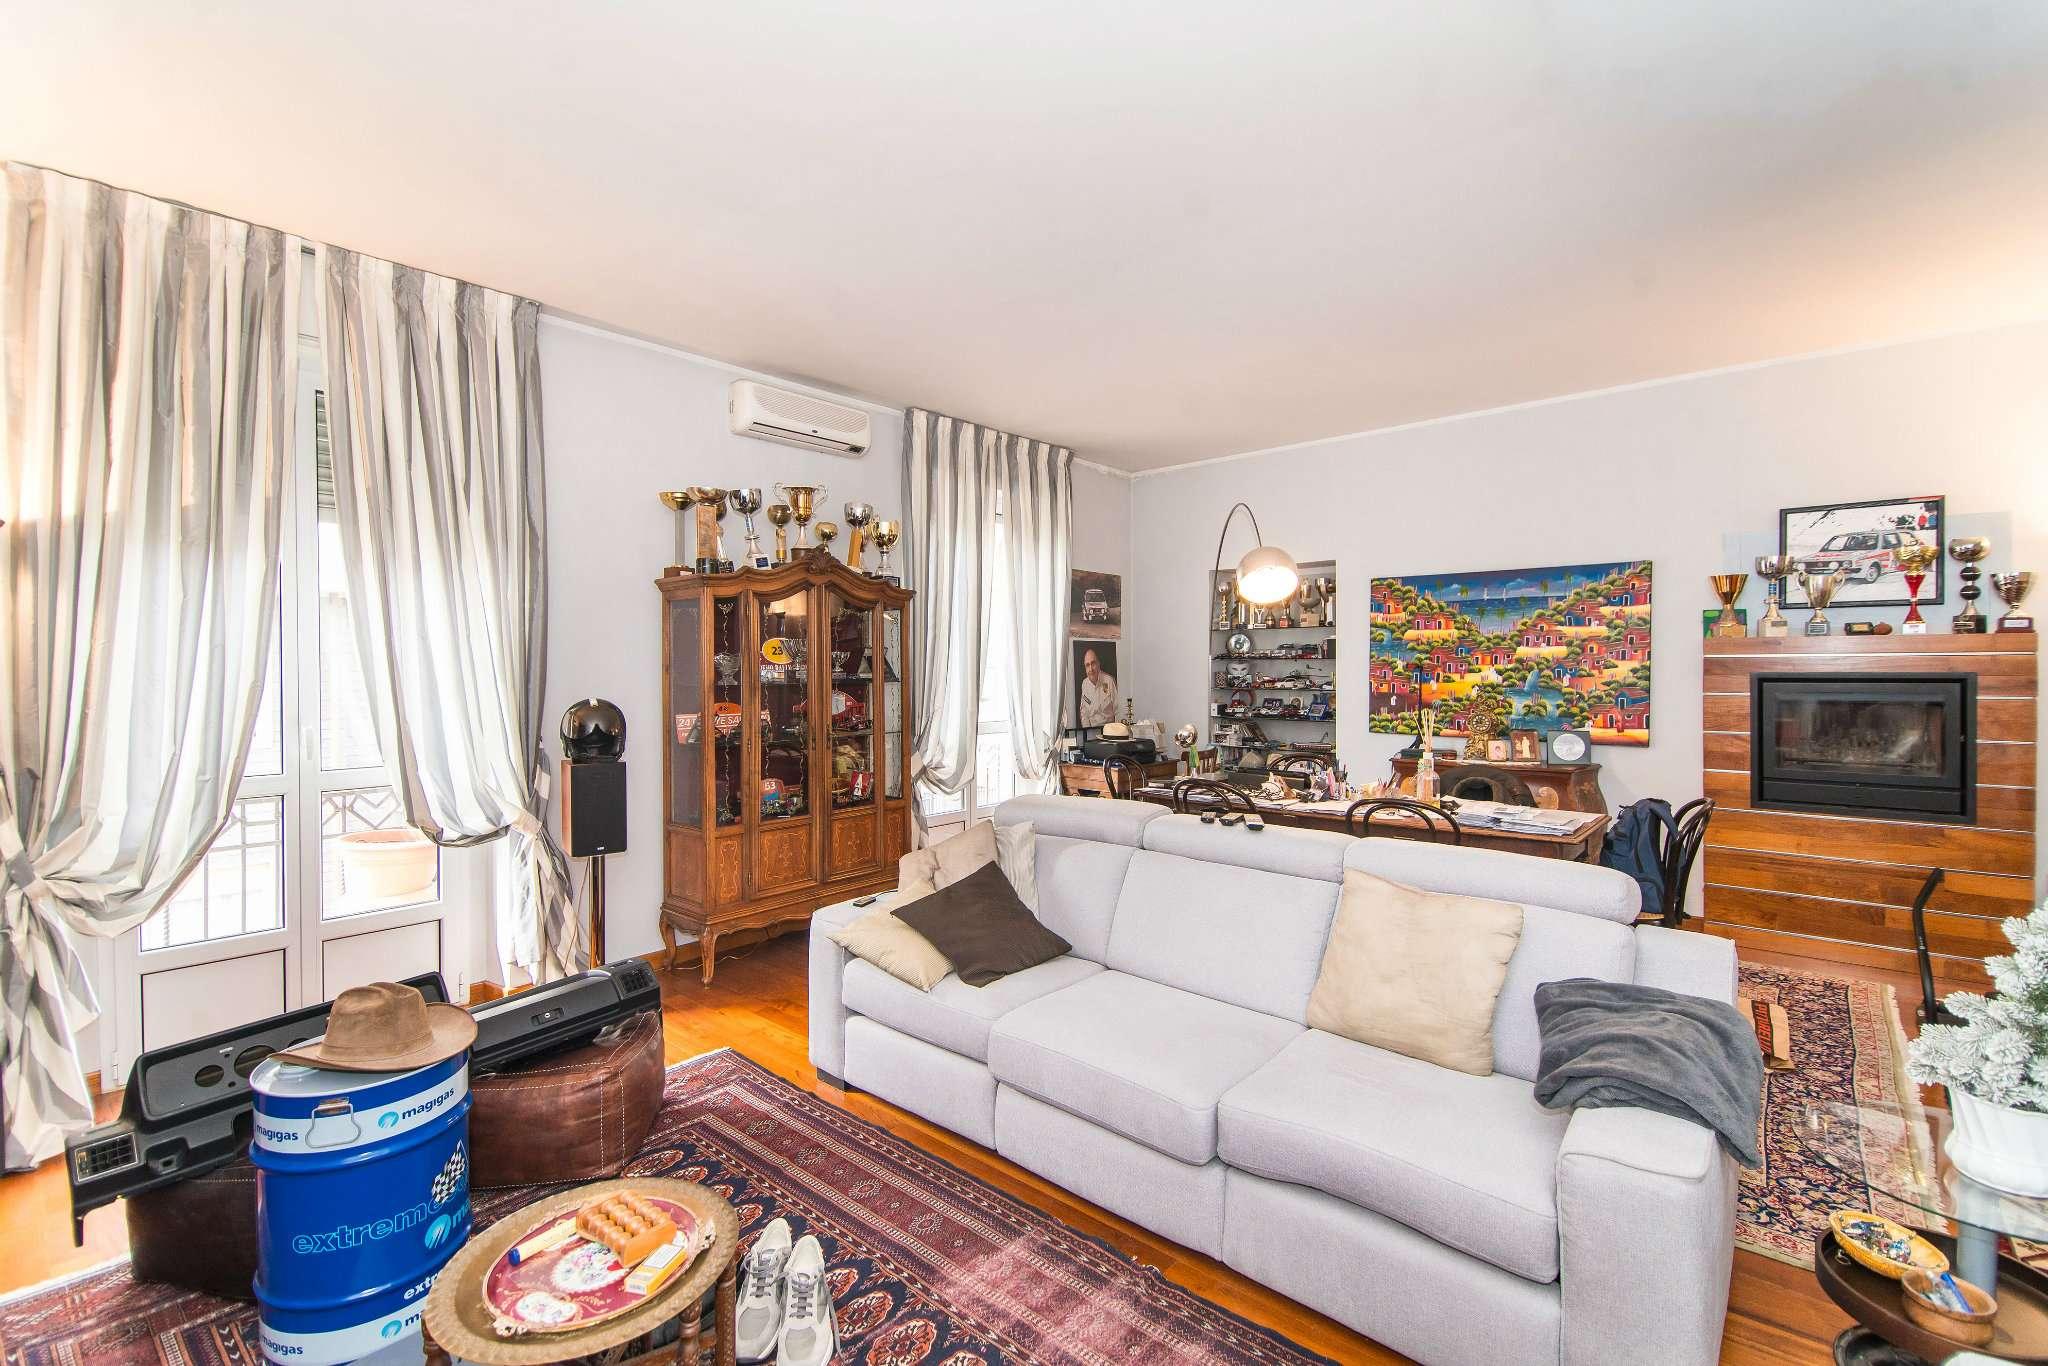 Appartamento in vendita Zona Cit Turin, San Donato, Campidoglio - via Avigliana Torino